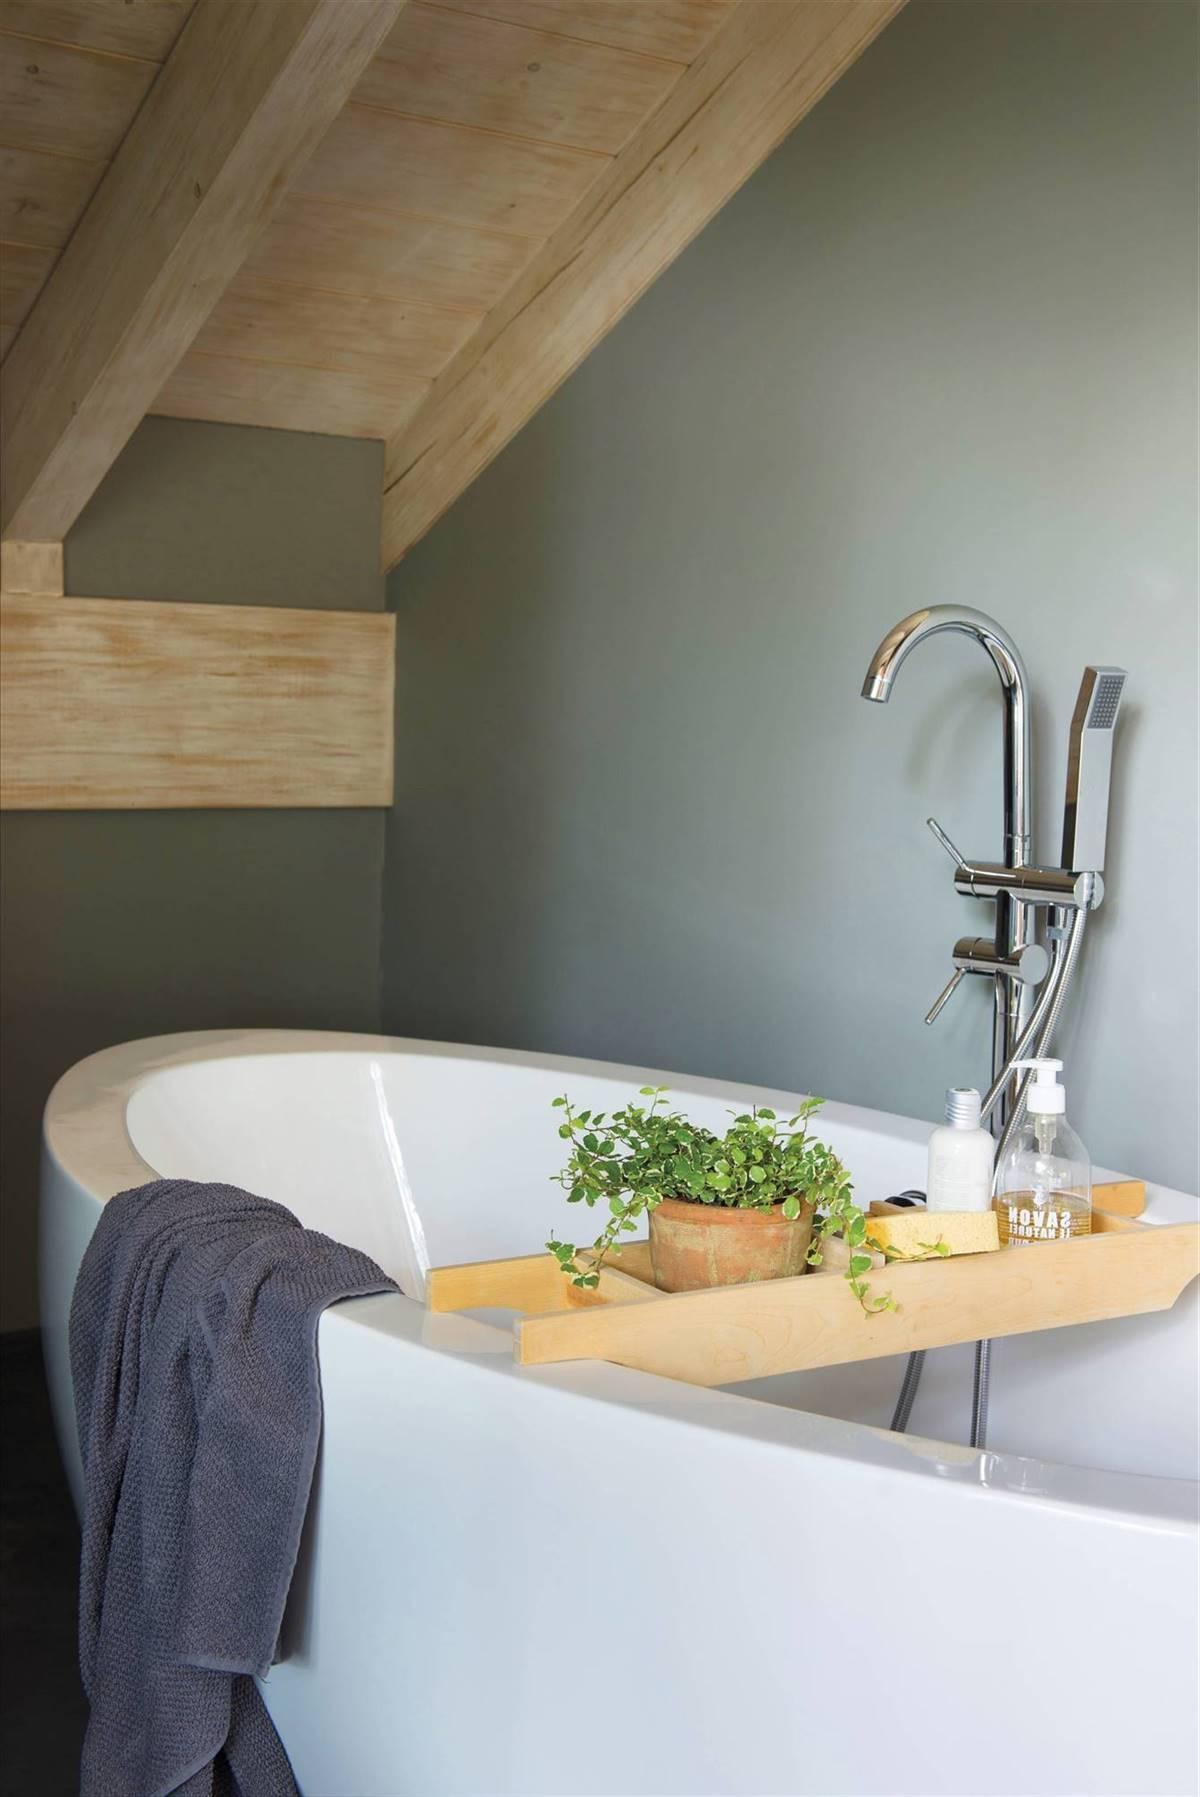 Tray style bathtub